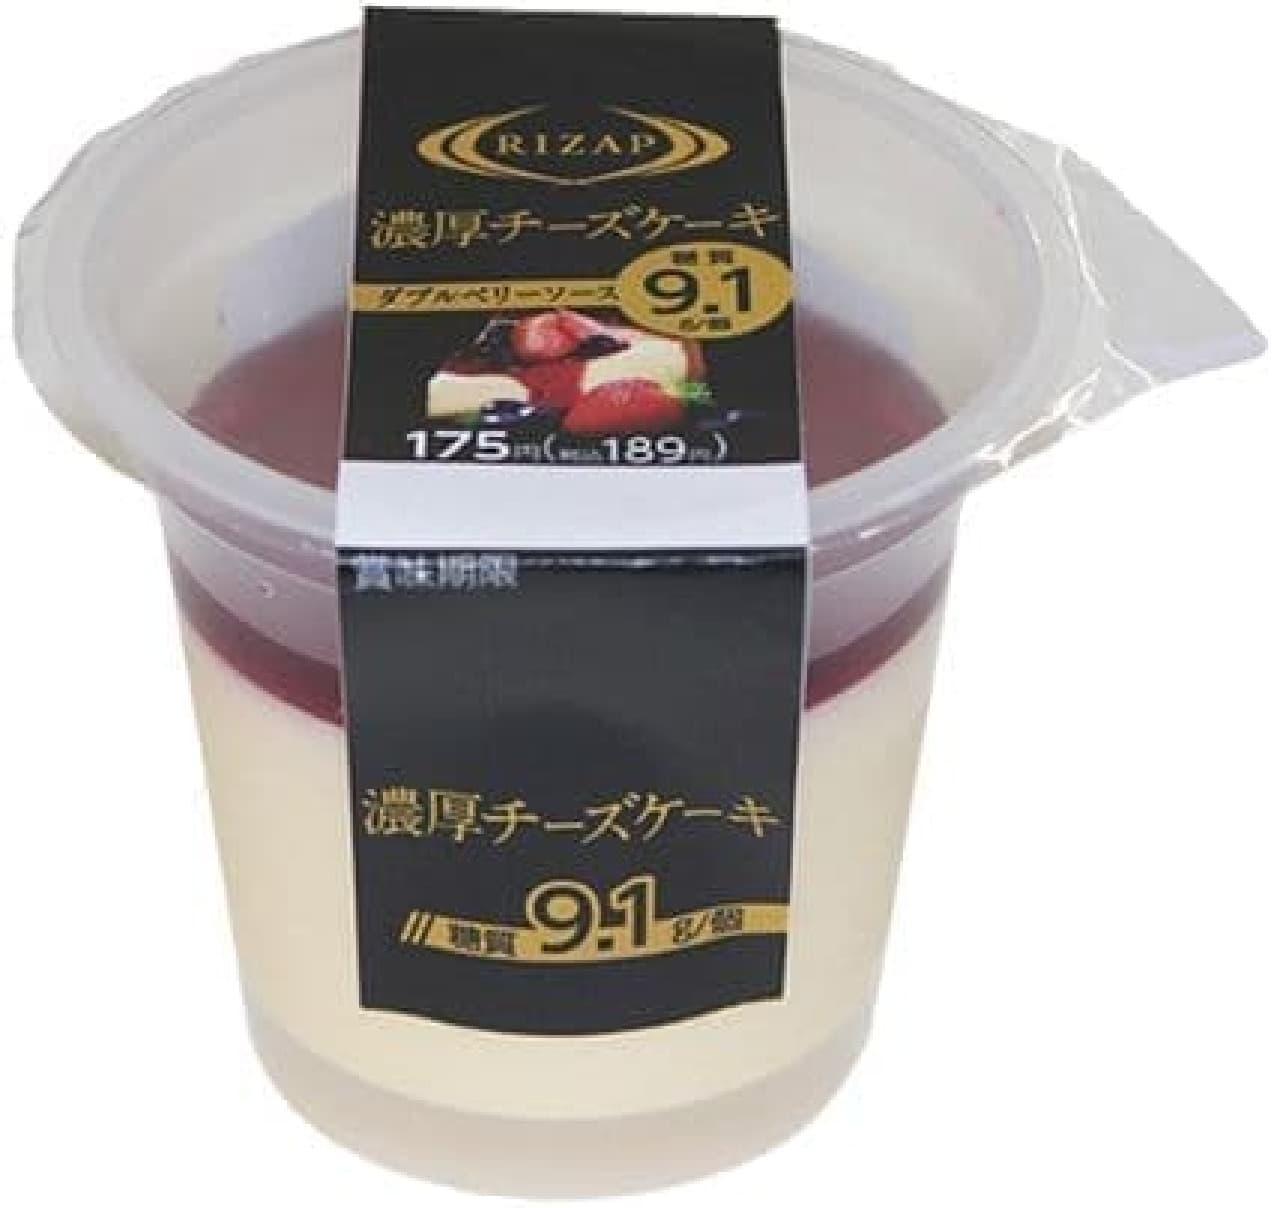 ファミリーマート「RIZAP 濃厚チーズケーキ」